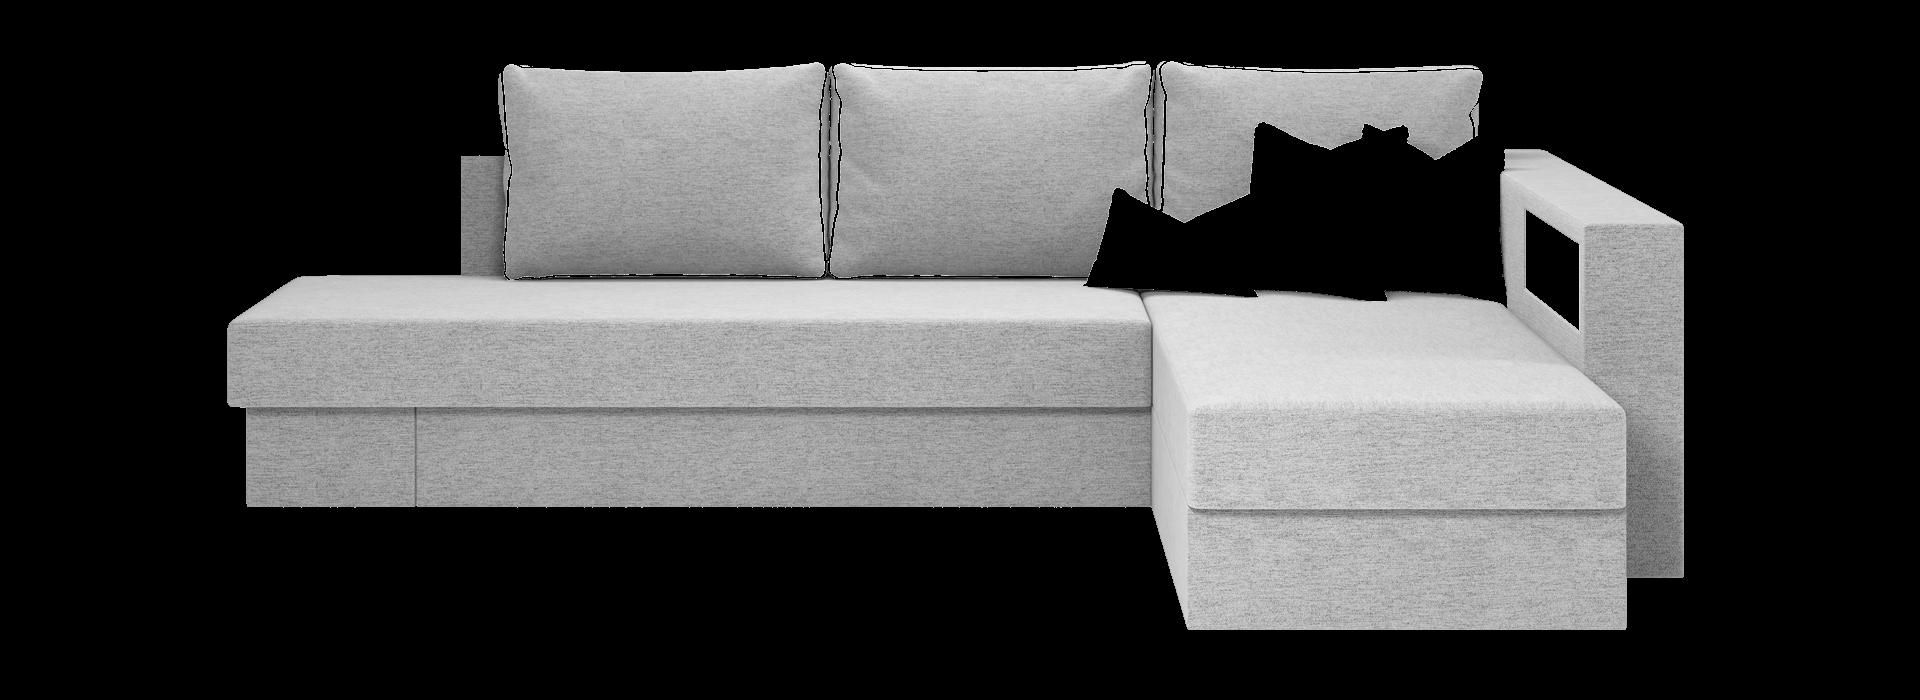 Кешет-2 кутовий поворотний диван - маска 1